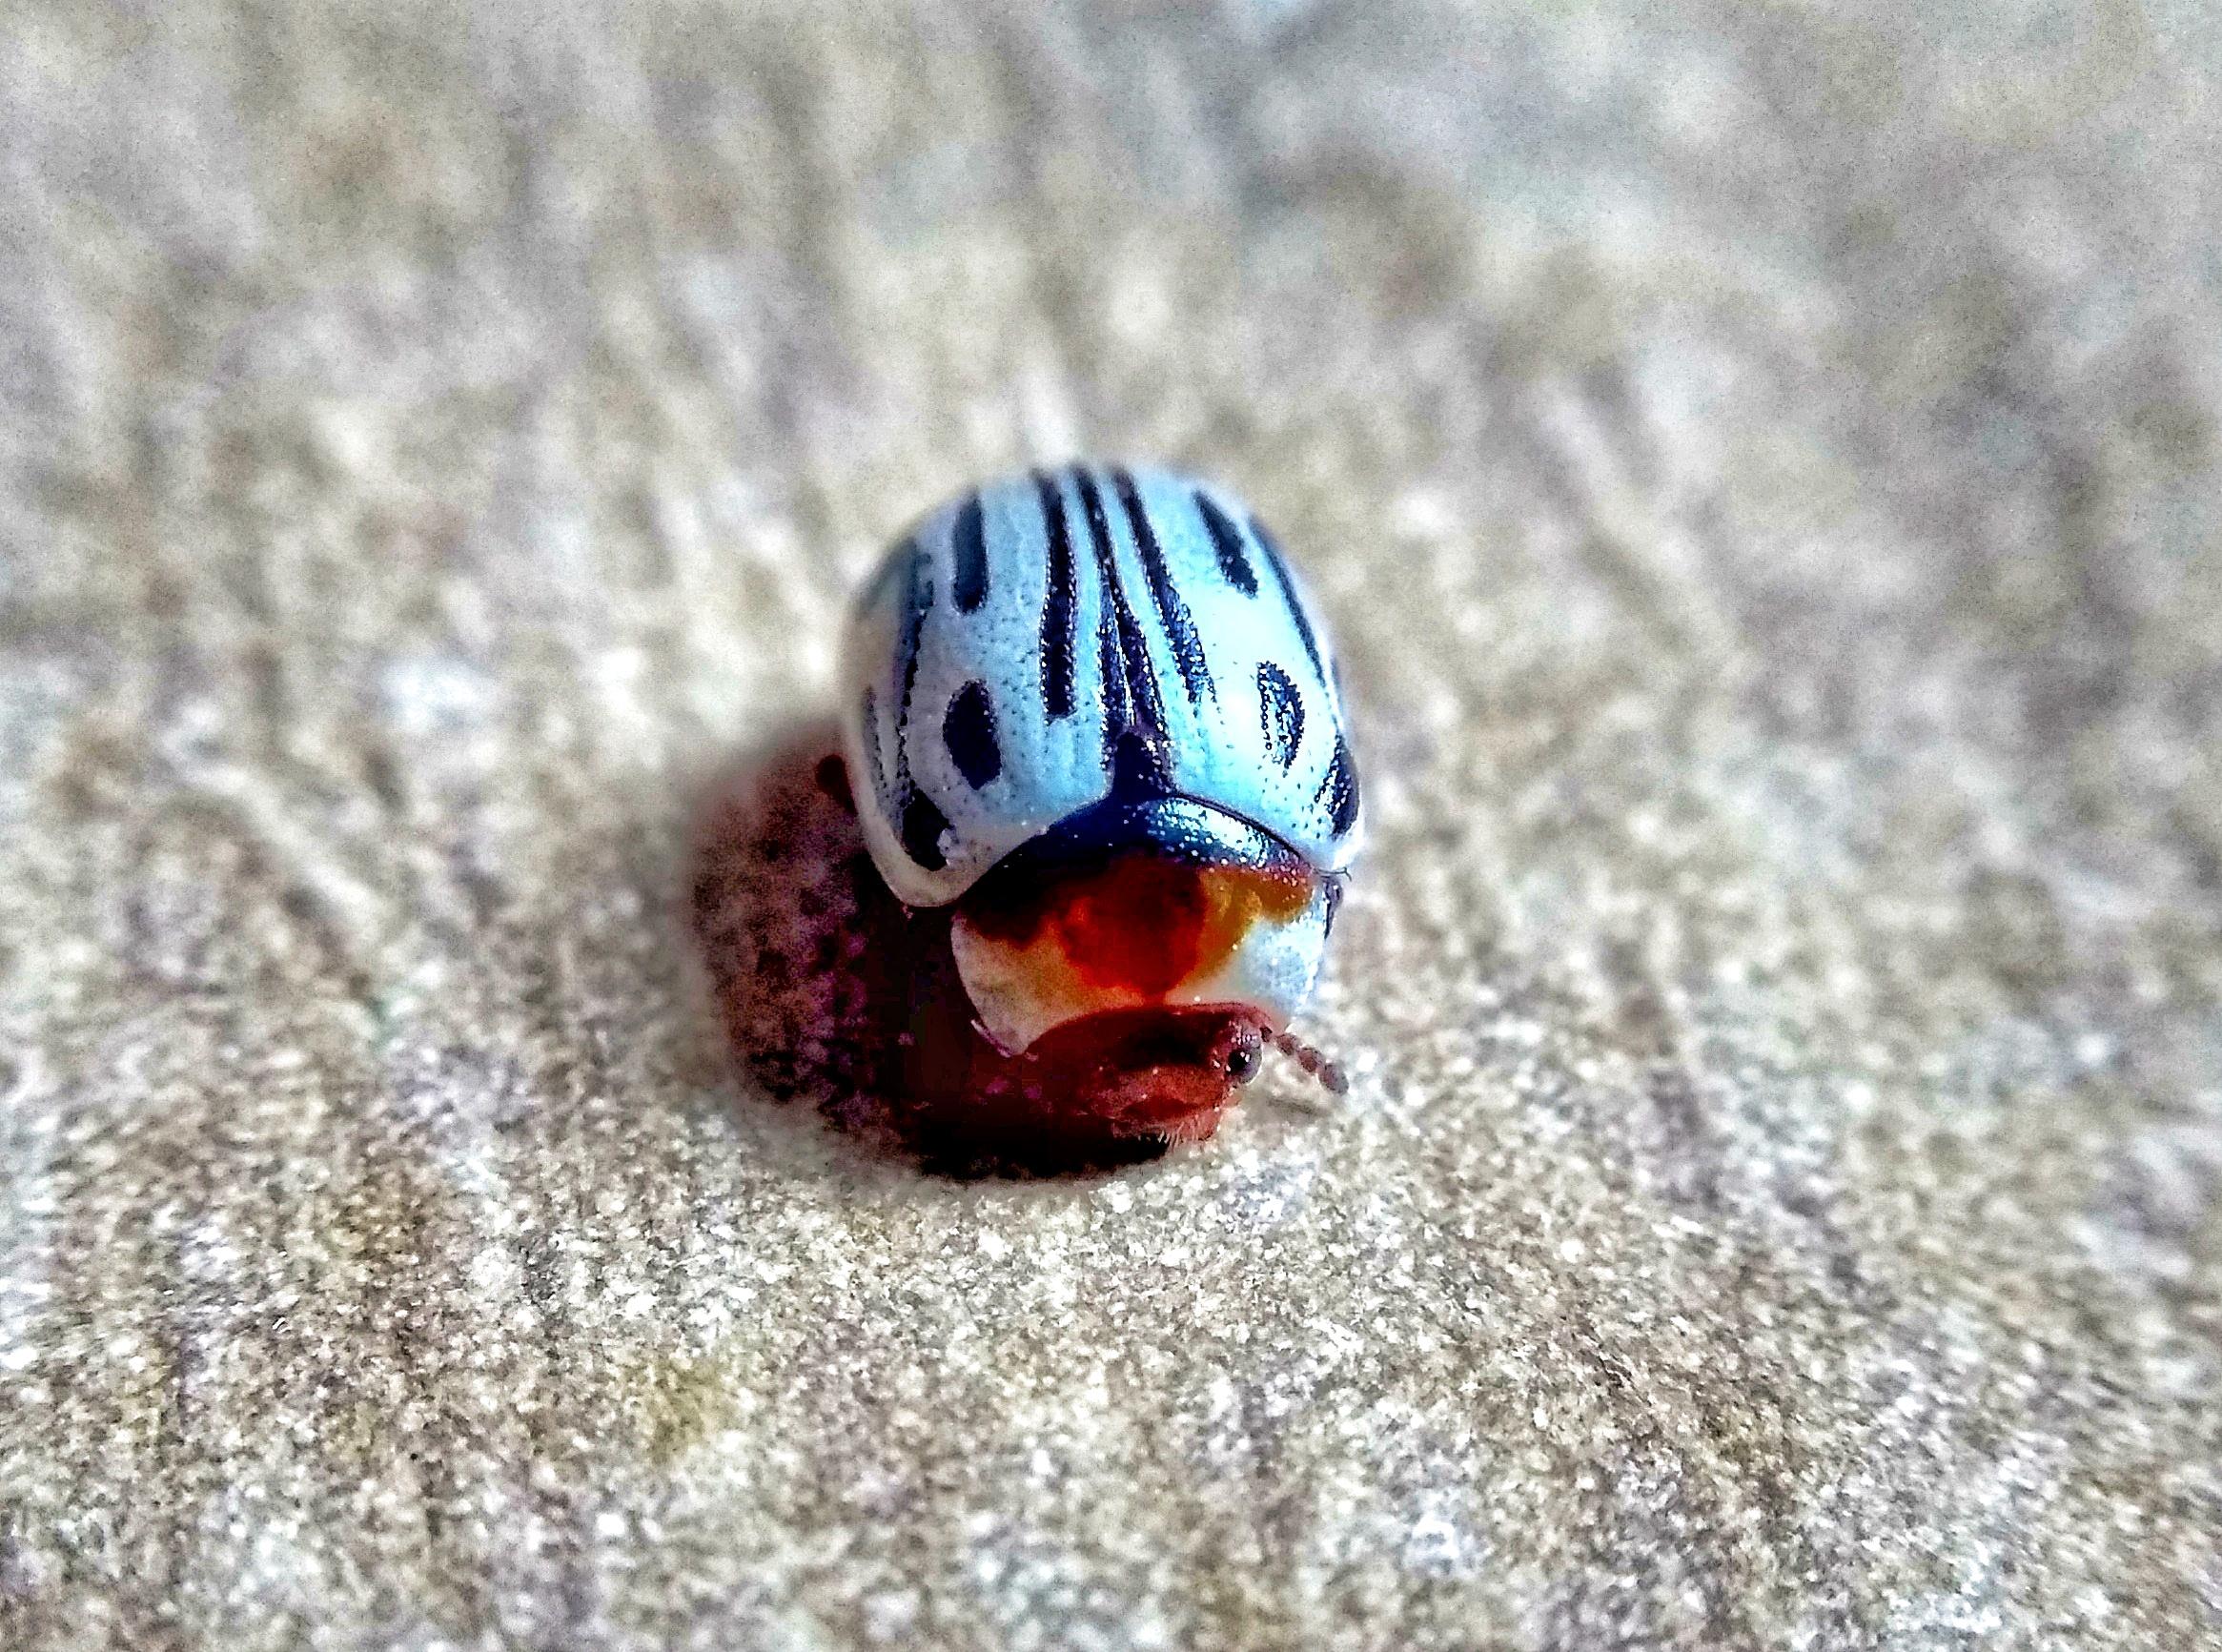 Lady Bug on focus